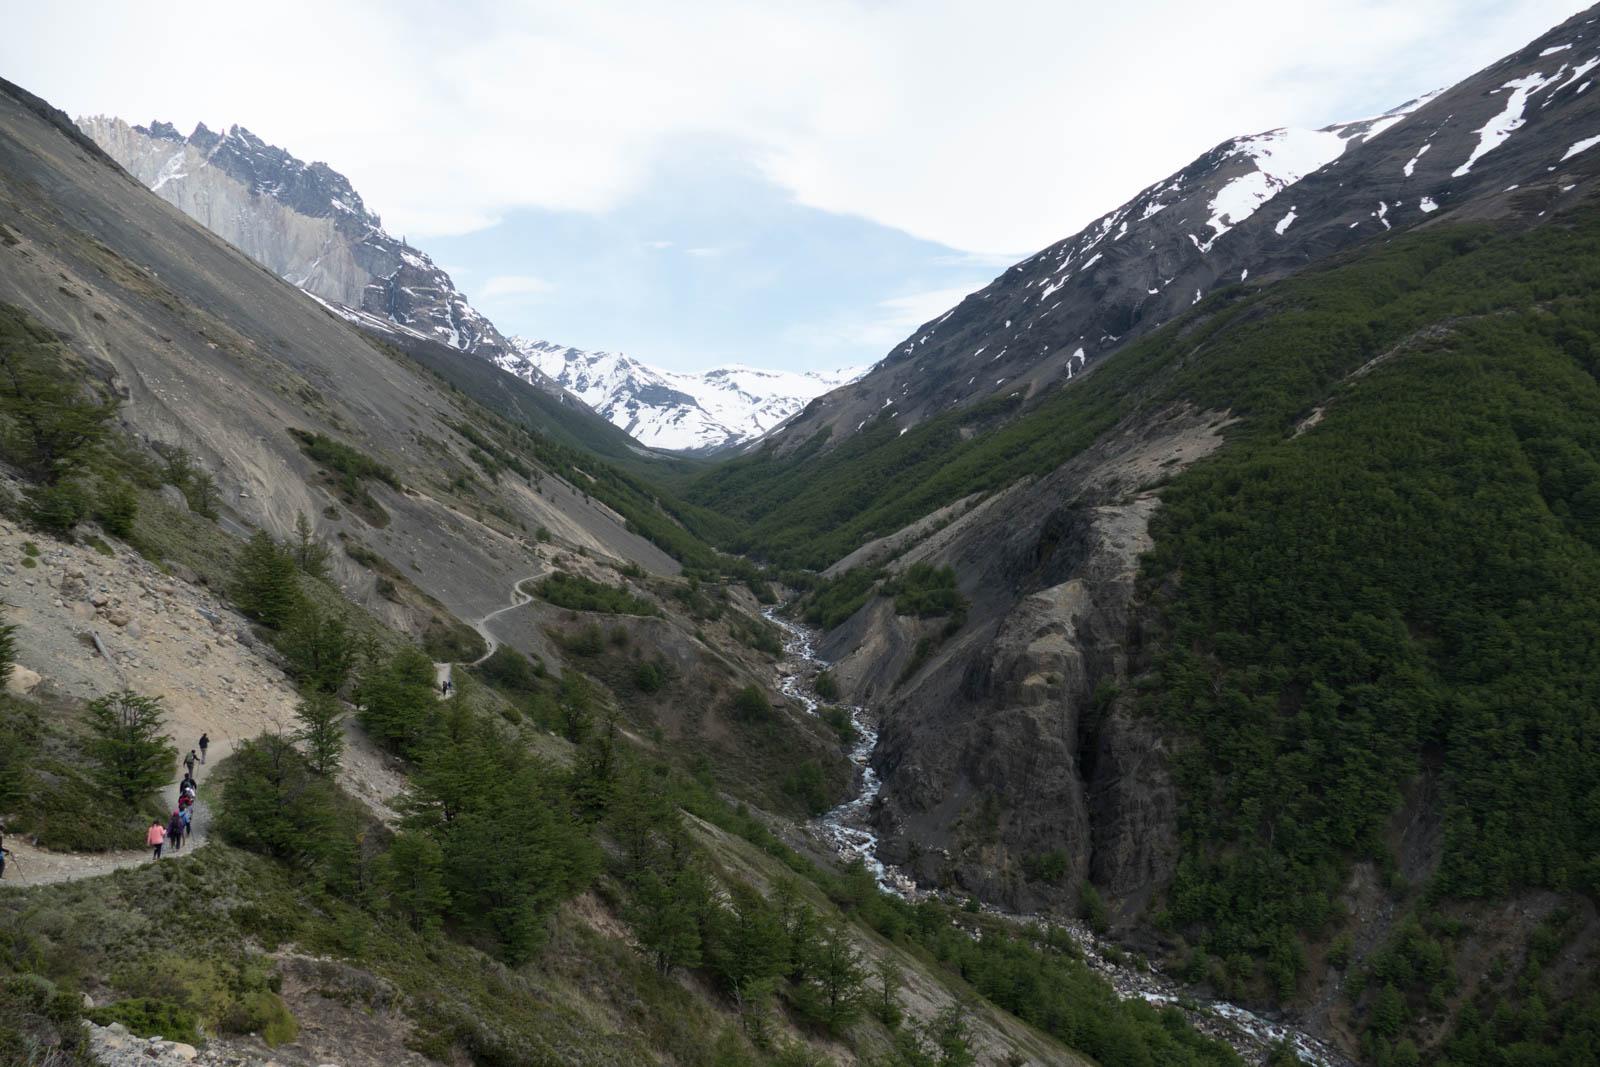 The descent into refugio Chileno